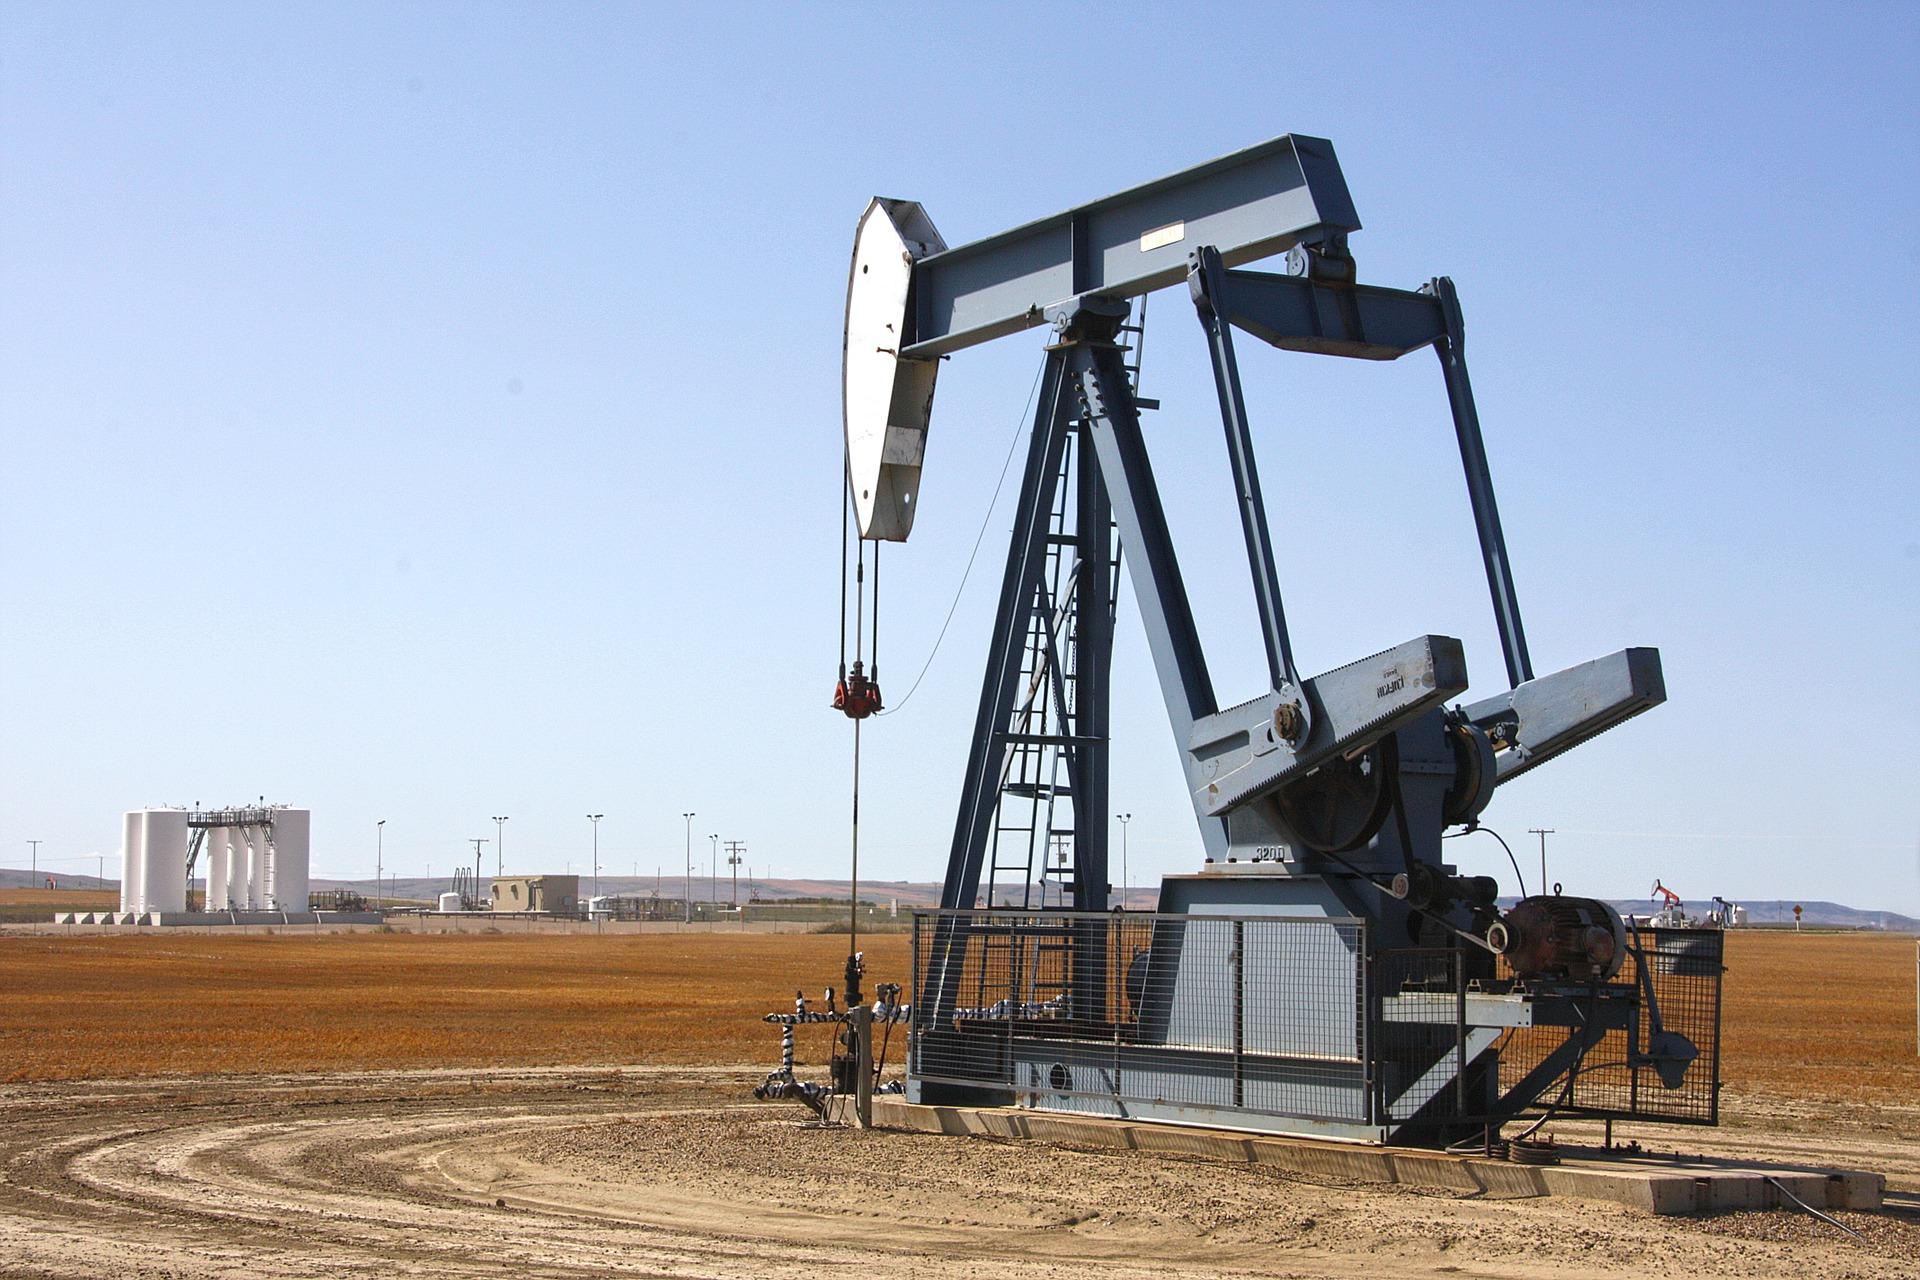 La producción de petróleo puede generar terremotos